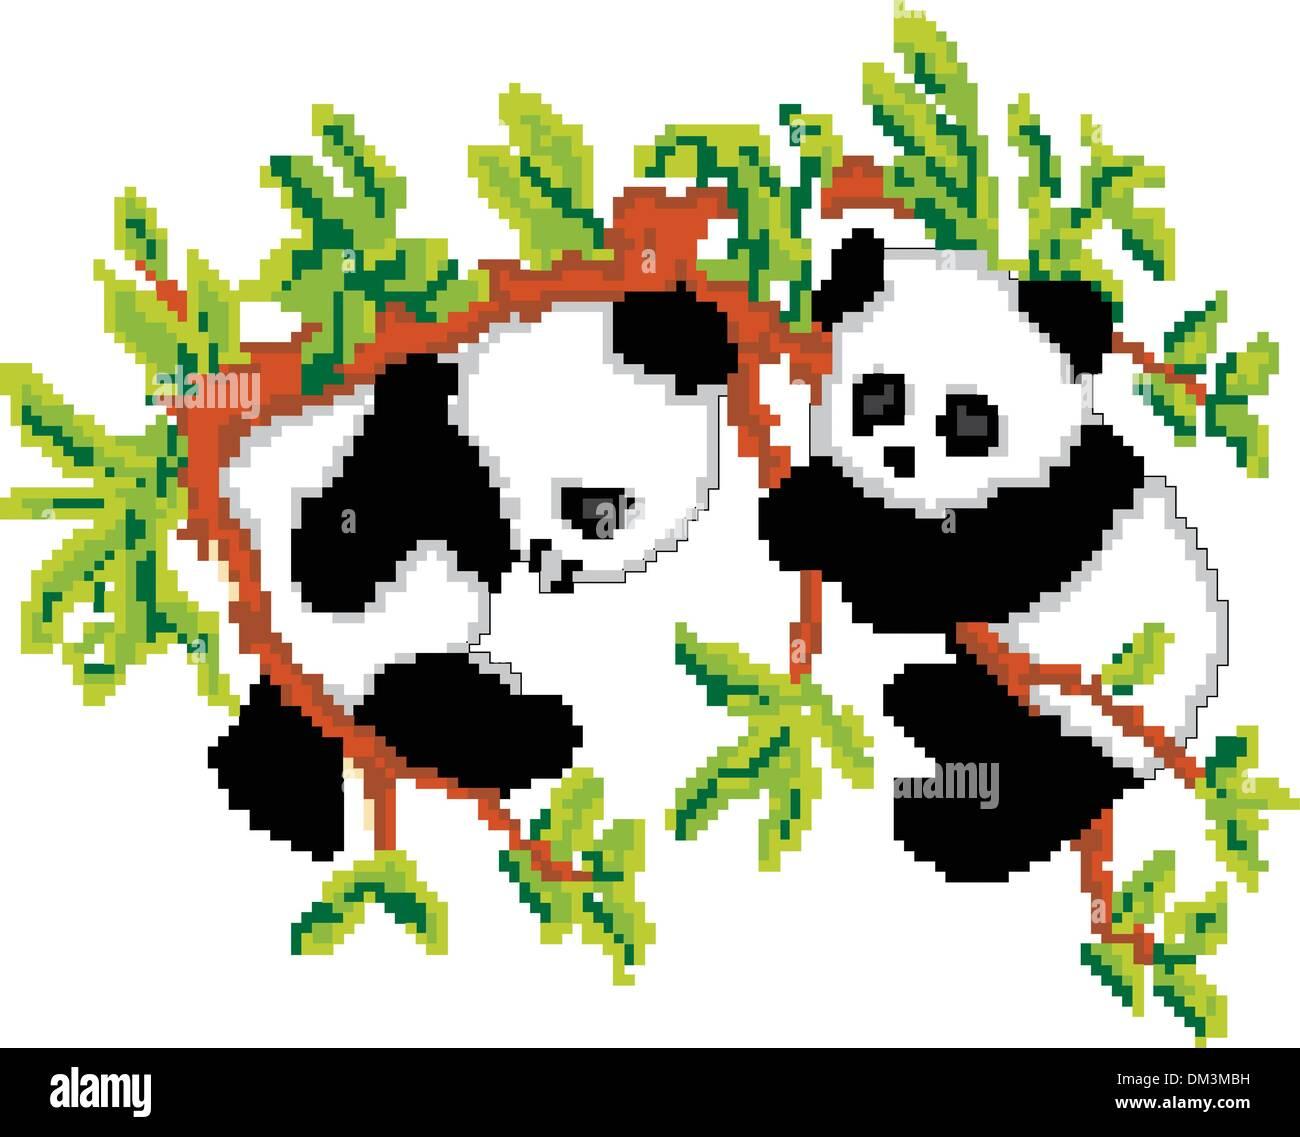 Panda Hug Photos Panda Hug Images Alamy